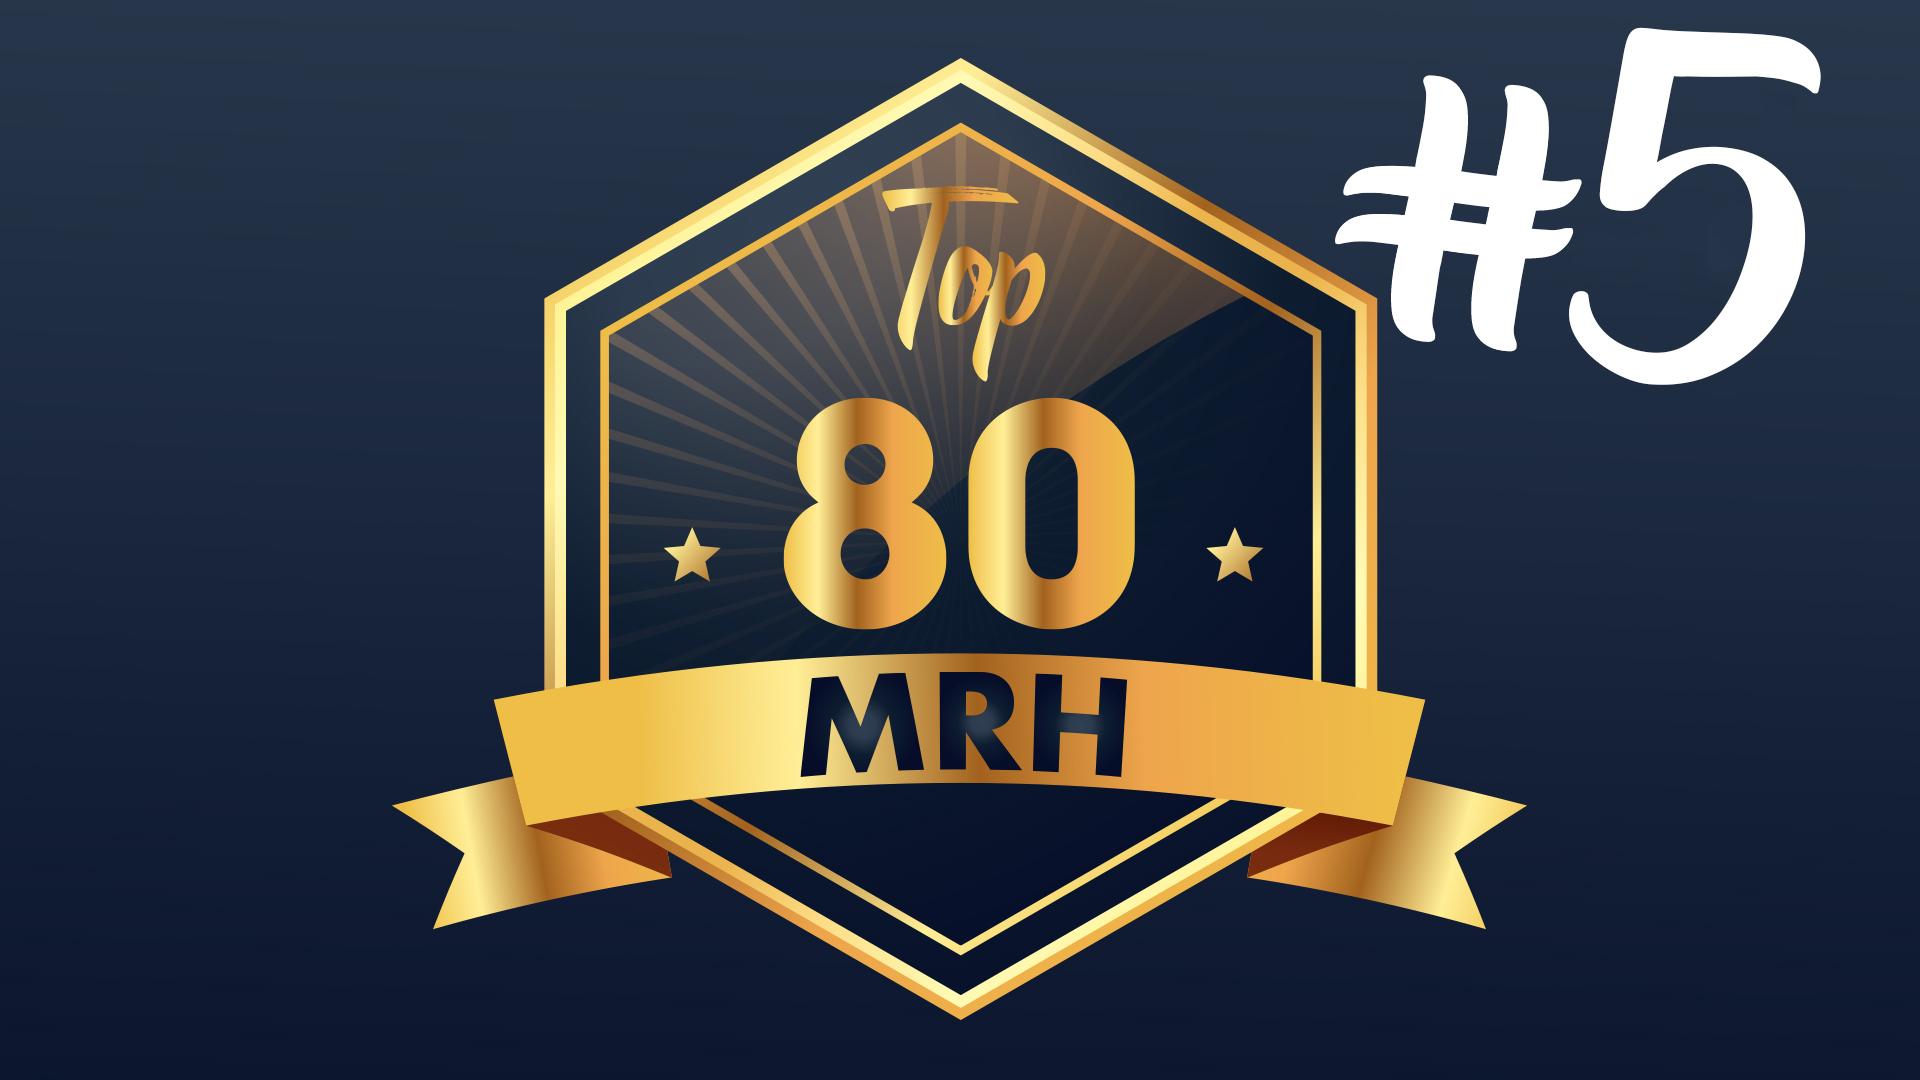 Top 80 MRH - Qui fera partie du 5e classement Top MRH